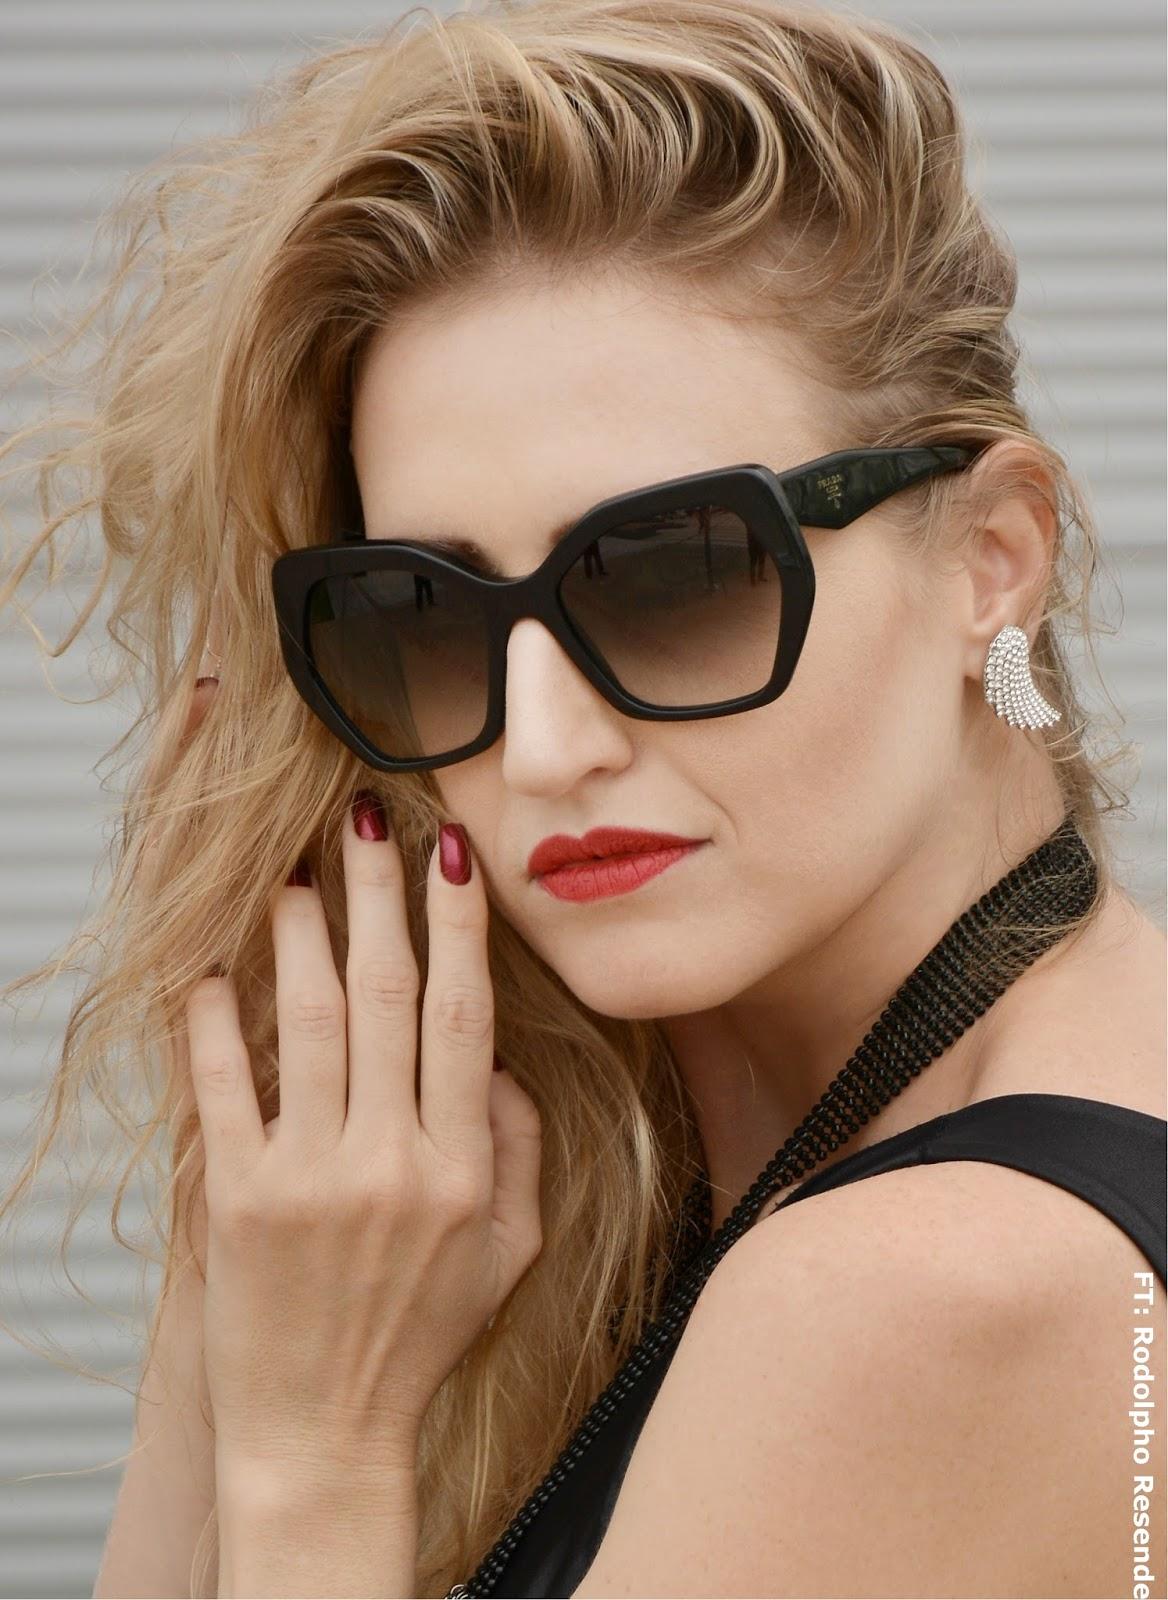 17f96d7d3 Esse é um óculos que traz a lente em formato de diamante negro! Fala  sério!!!! Mais clássico, e não menos poderoso. O danado foi feito pra  mulher que quer ...